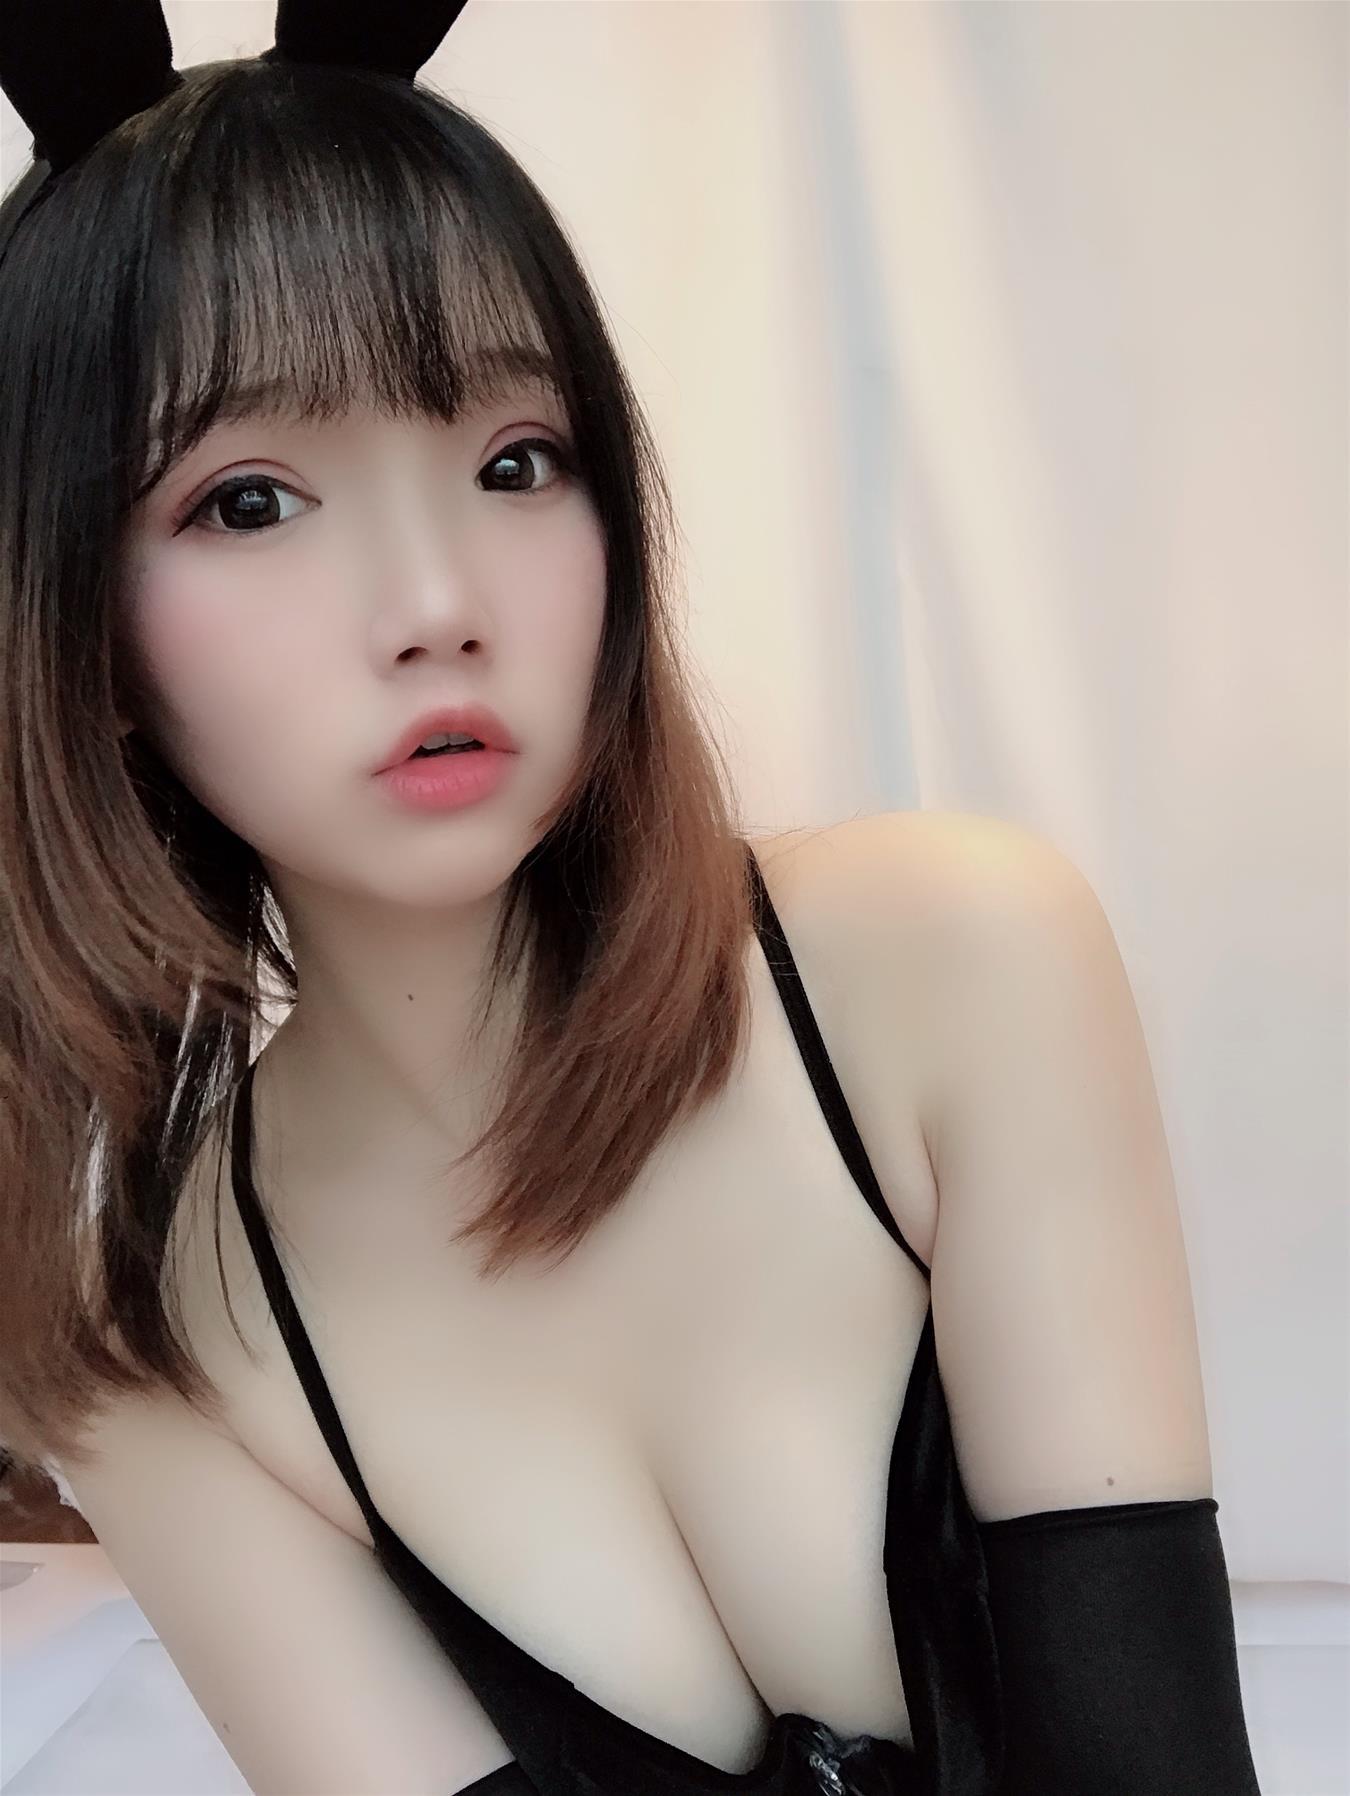 雪晴Astra 作品合集 全集合集-第3张